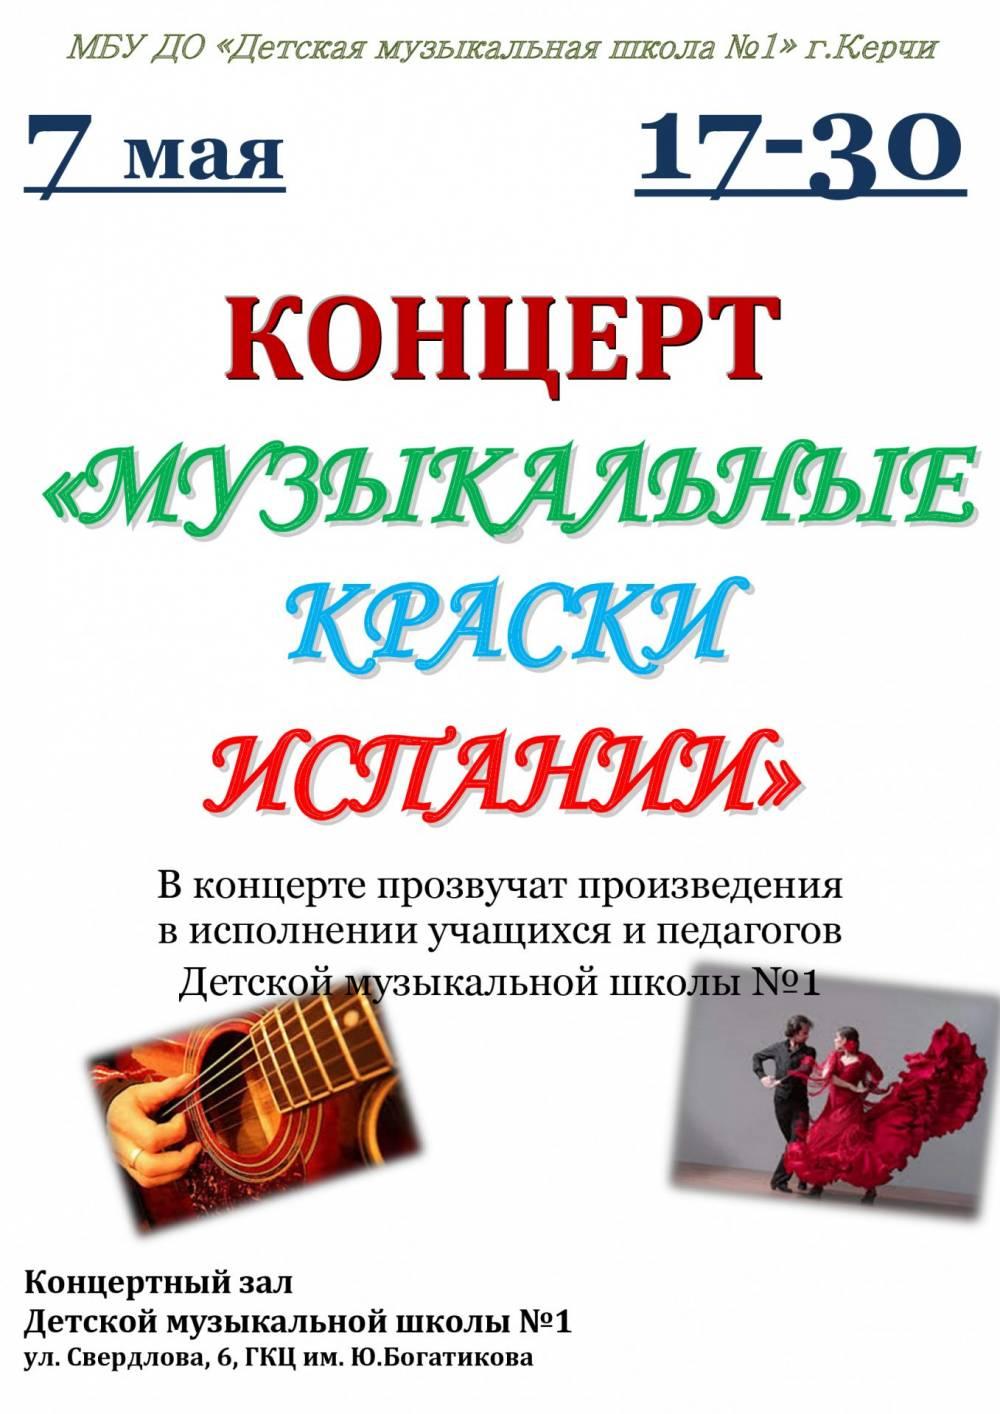 Музыкальная школа №1 приглашает на концерт «Музыкальные краски Испании»